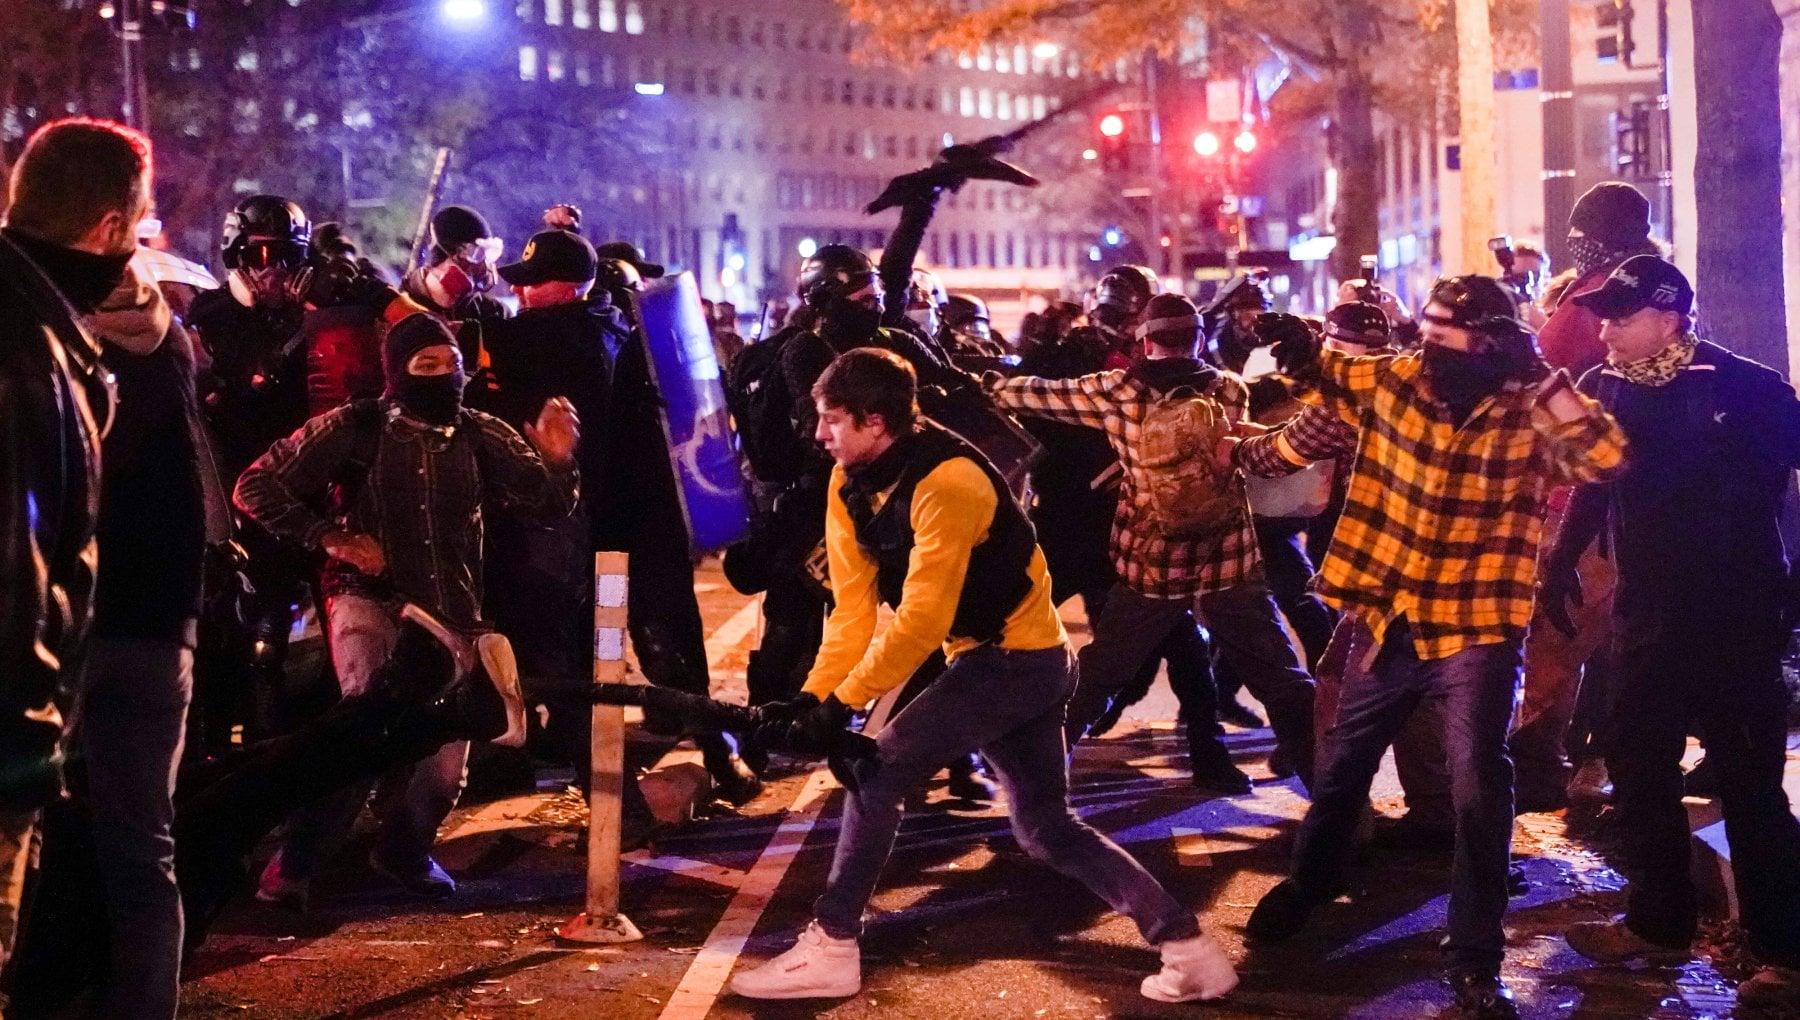 Usa scontri in numerose citta durante le manifestazioni per Trump. Spari a Olympia un ferito